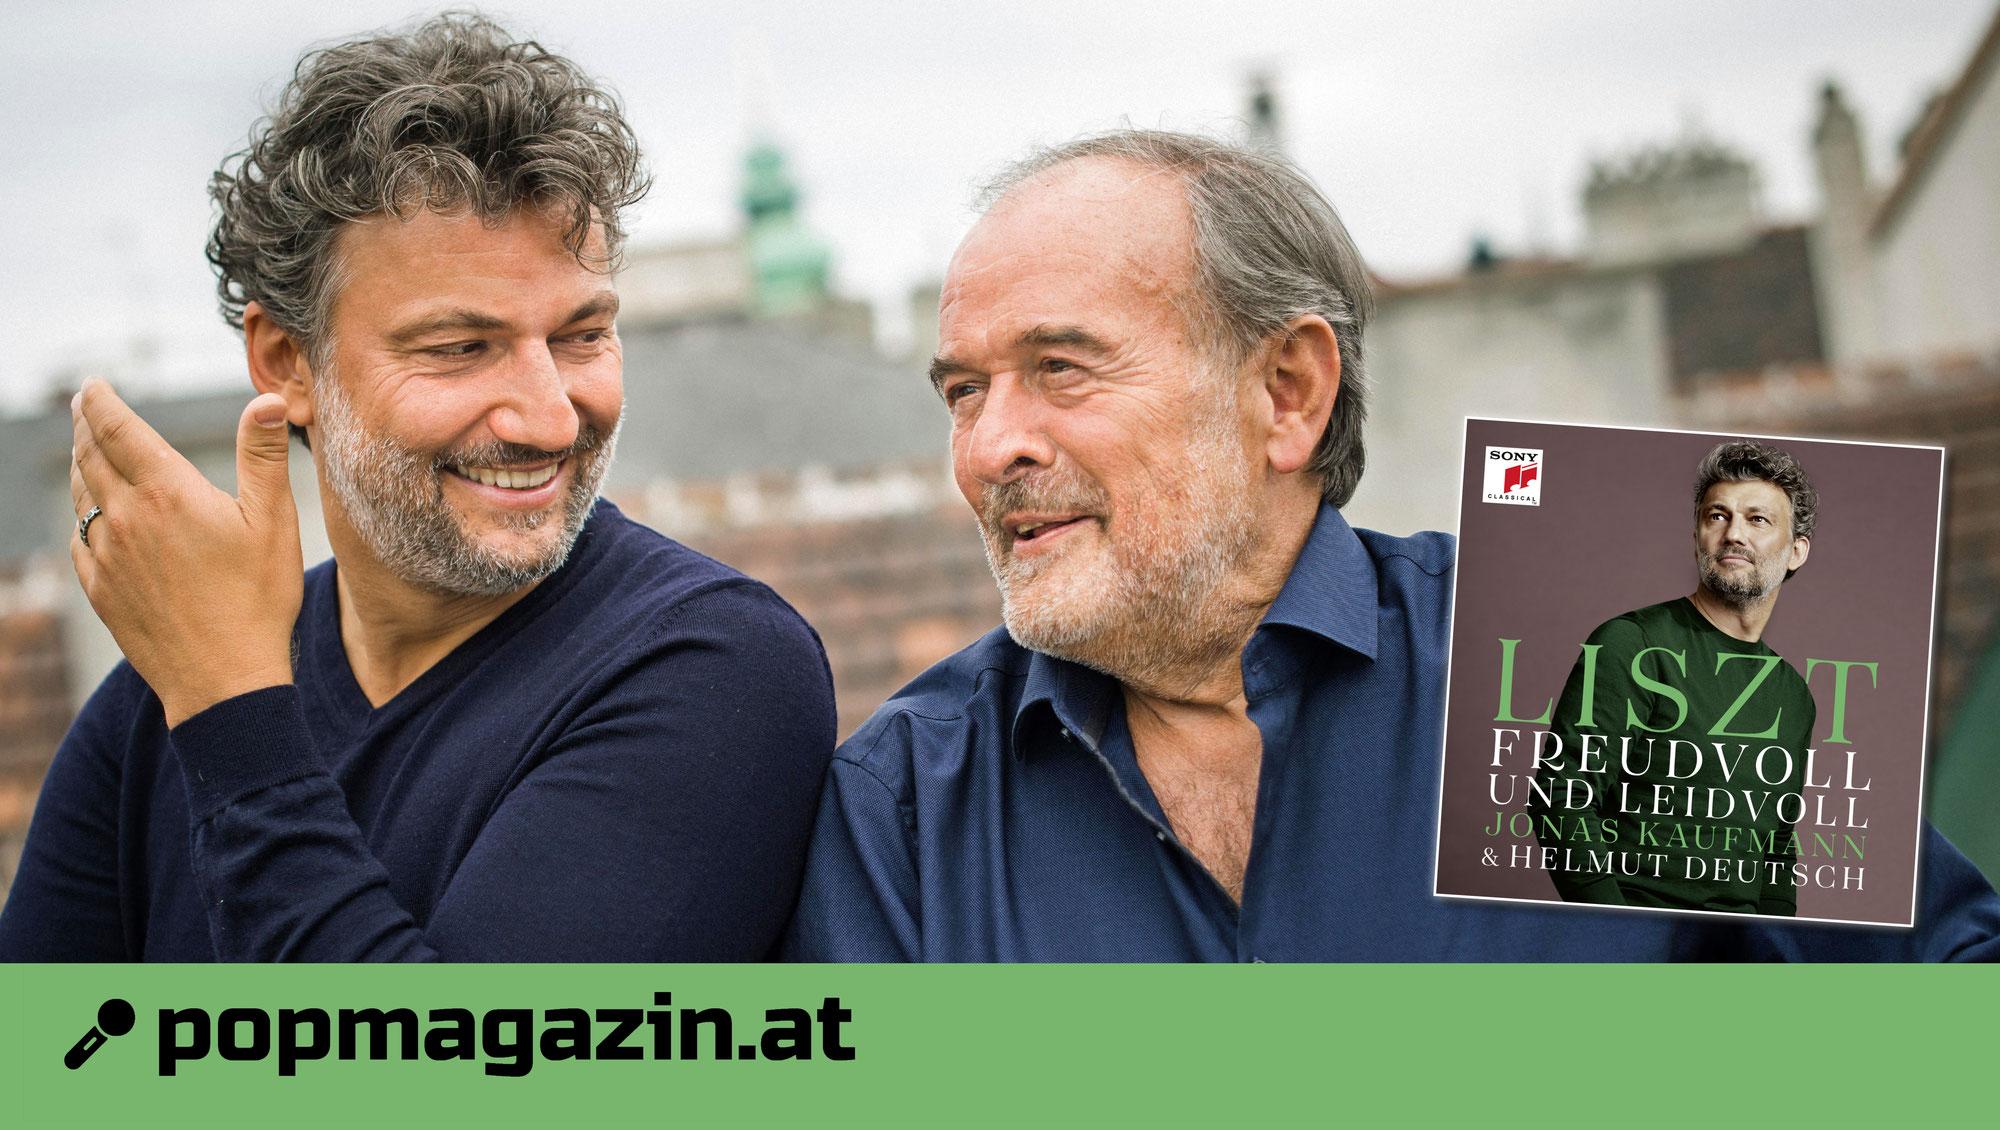 """""""Freudvoll und leidvoll"""": Jonas Kaufmann & Helmut Deutsch interpretieren Franz Liszt neu"""